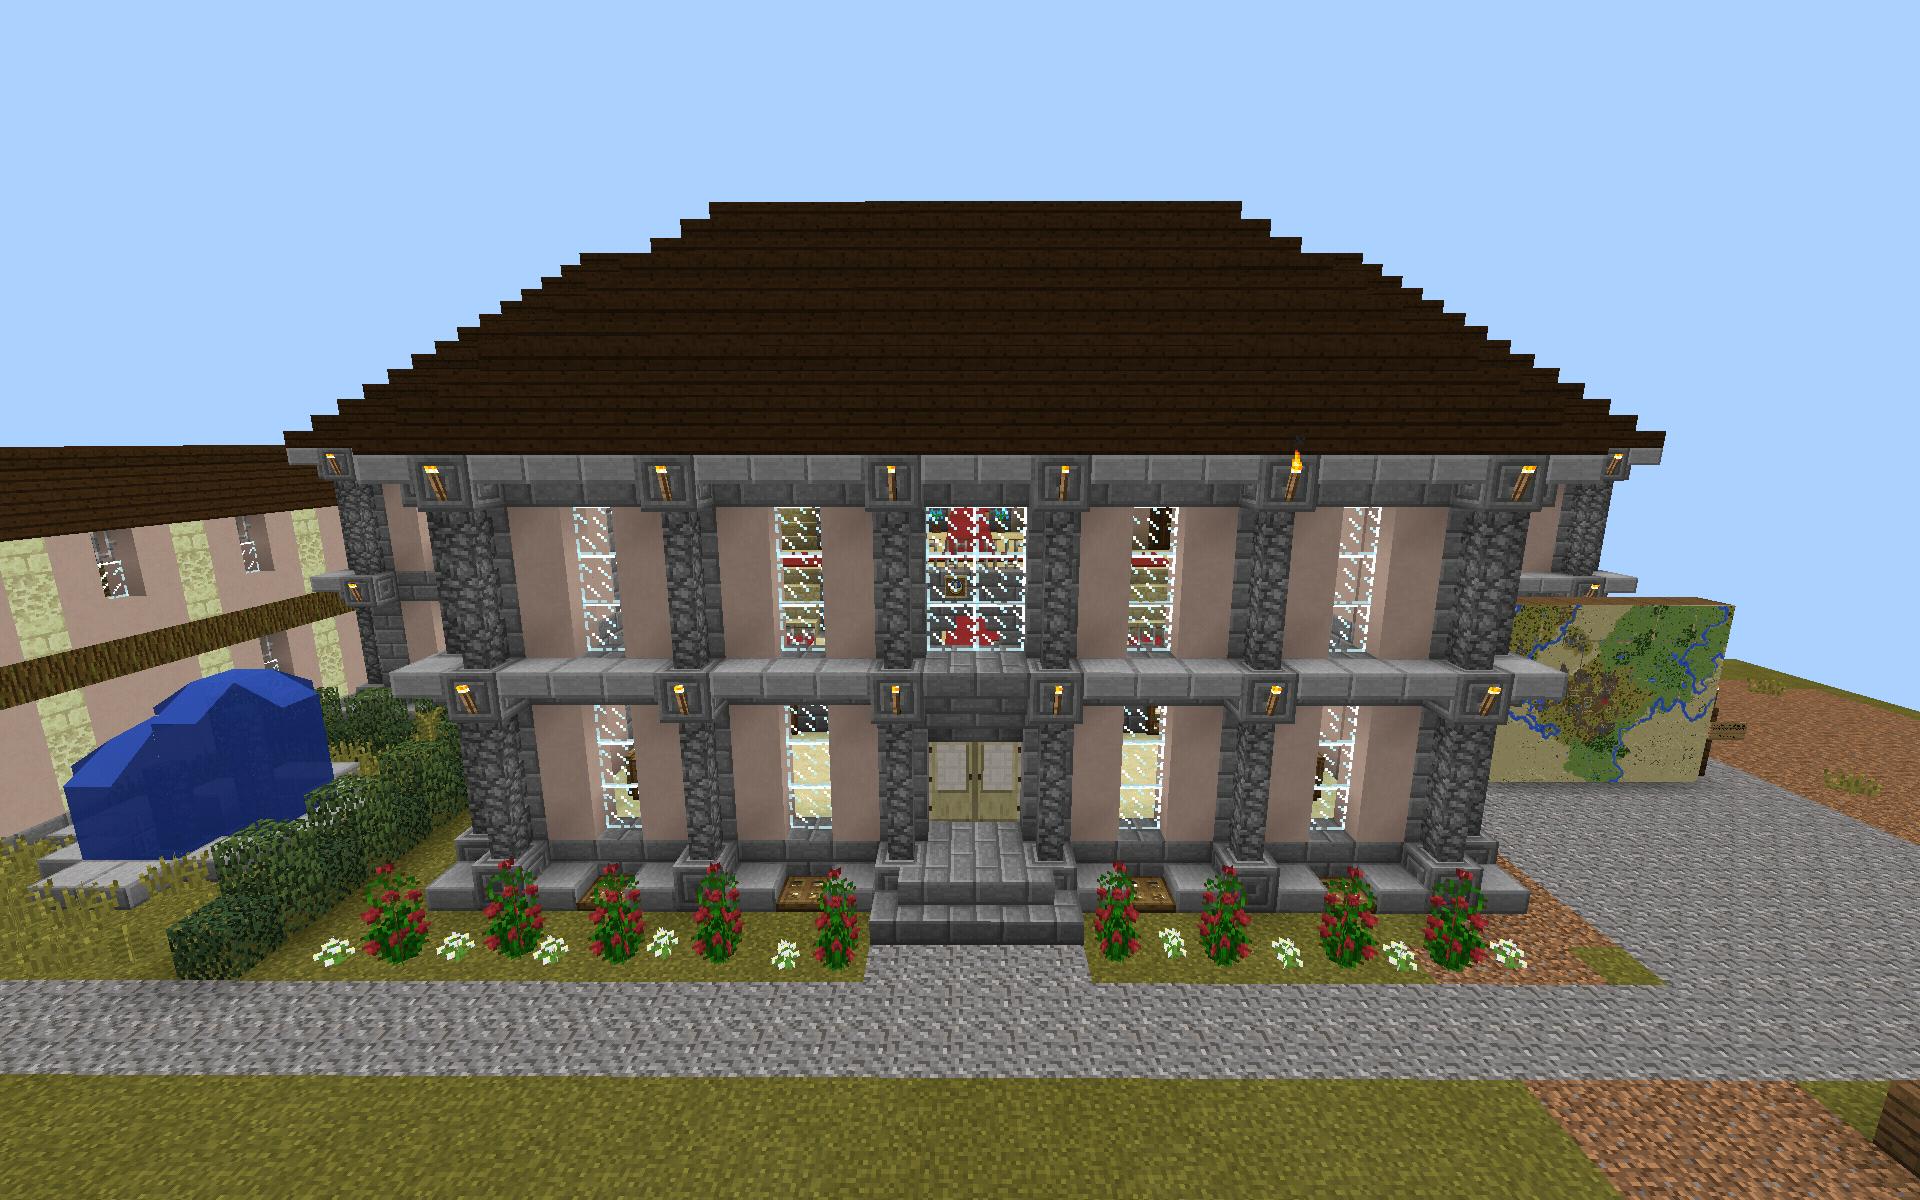 ᐅ Schloss Mohn von Mohnzing in Minecraft bauen - minecraft-bauideen.de